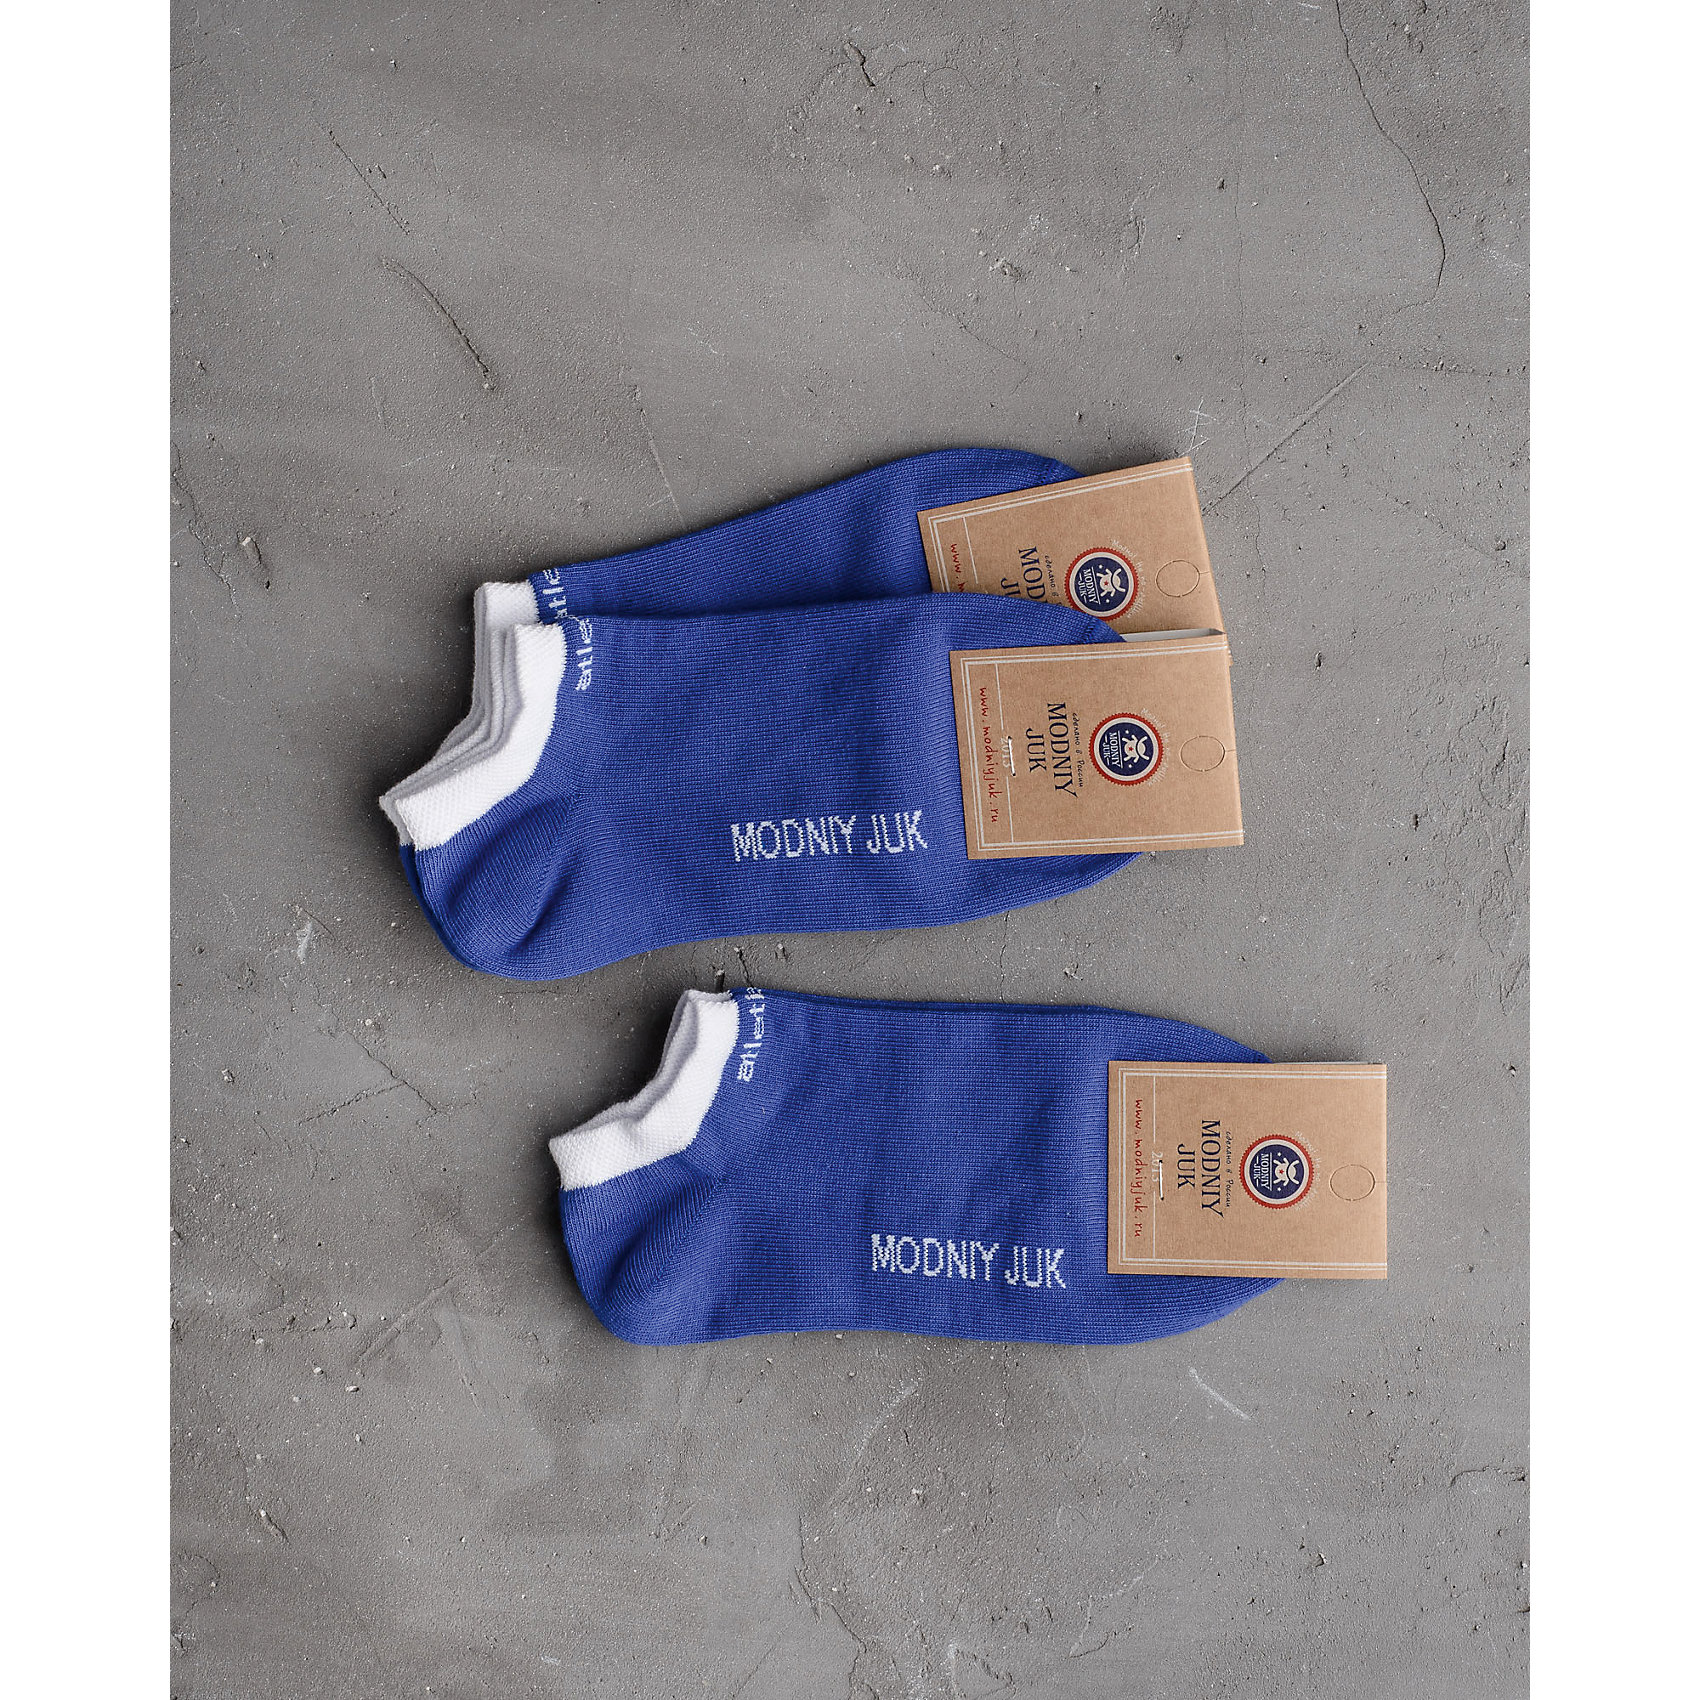 Носки (3 пары) для мальчика Modniy JukНоски<br>Прекрасный комплект из 3х носок, Приятны на ощупь. Отлично  облегают ногу. Усиленный мысок и пятка..<br>Состав:<br>88% хлопок, 10% полиамид, 2% эластан<br><br>Ширина мм: 87<br>Глубина мм: 10<br>Высота мм: 105<br>Вес г: 115<br>Цвет: синий<br>Возраст от месяцев: 24<br>Возраст до месяцев: 36<br>Пол: Мужской<br>Возраст: Детский<br>Размер: 26,20,23<br>SKU: 5613934